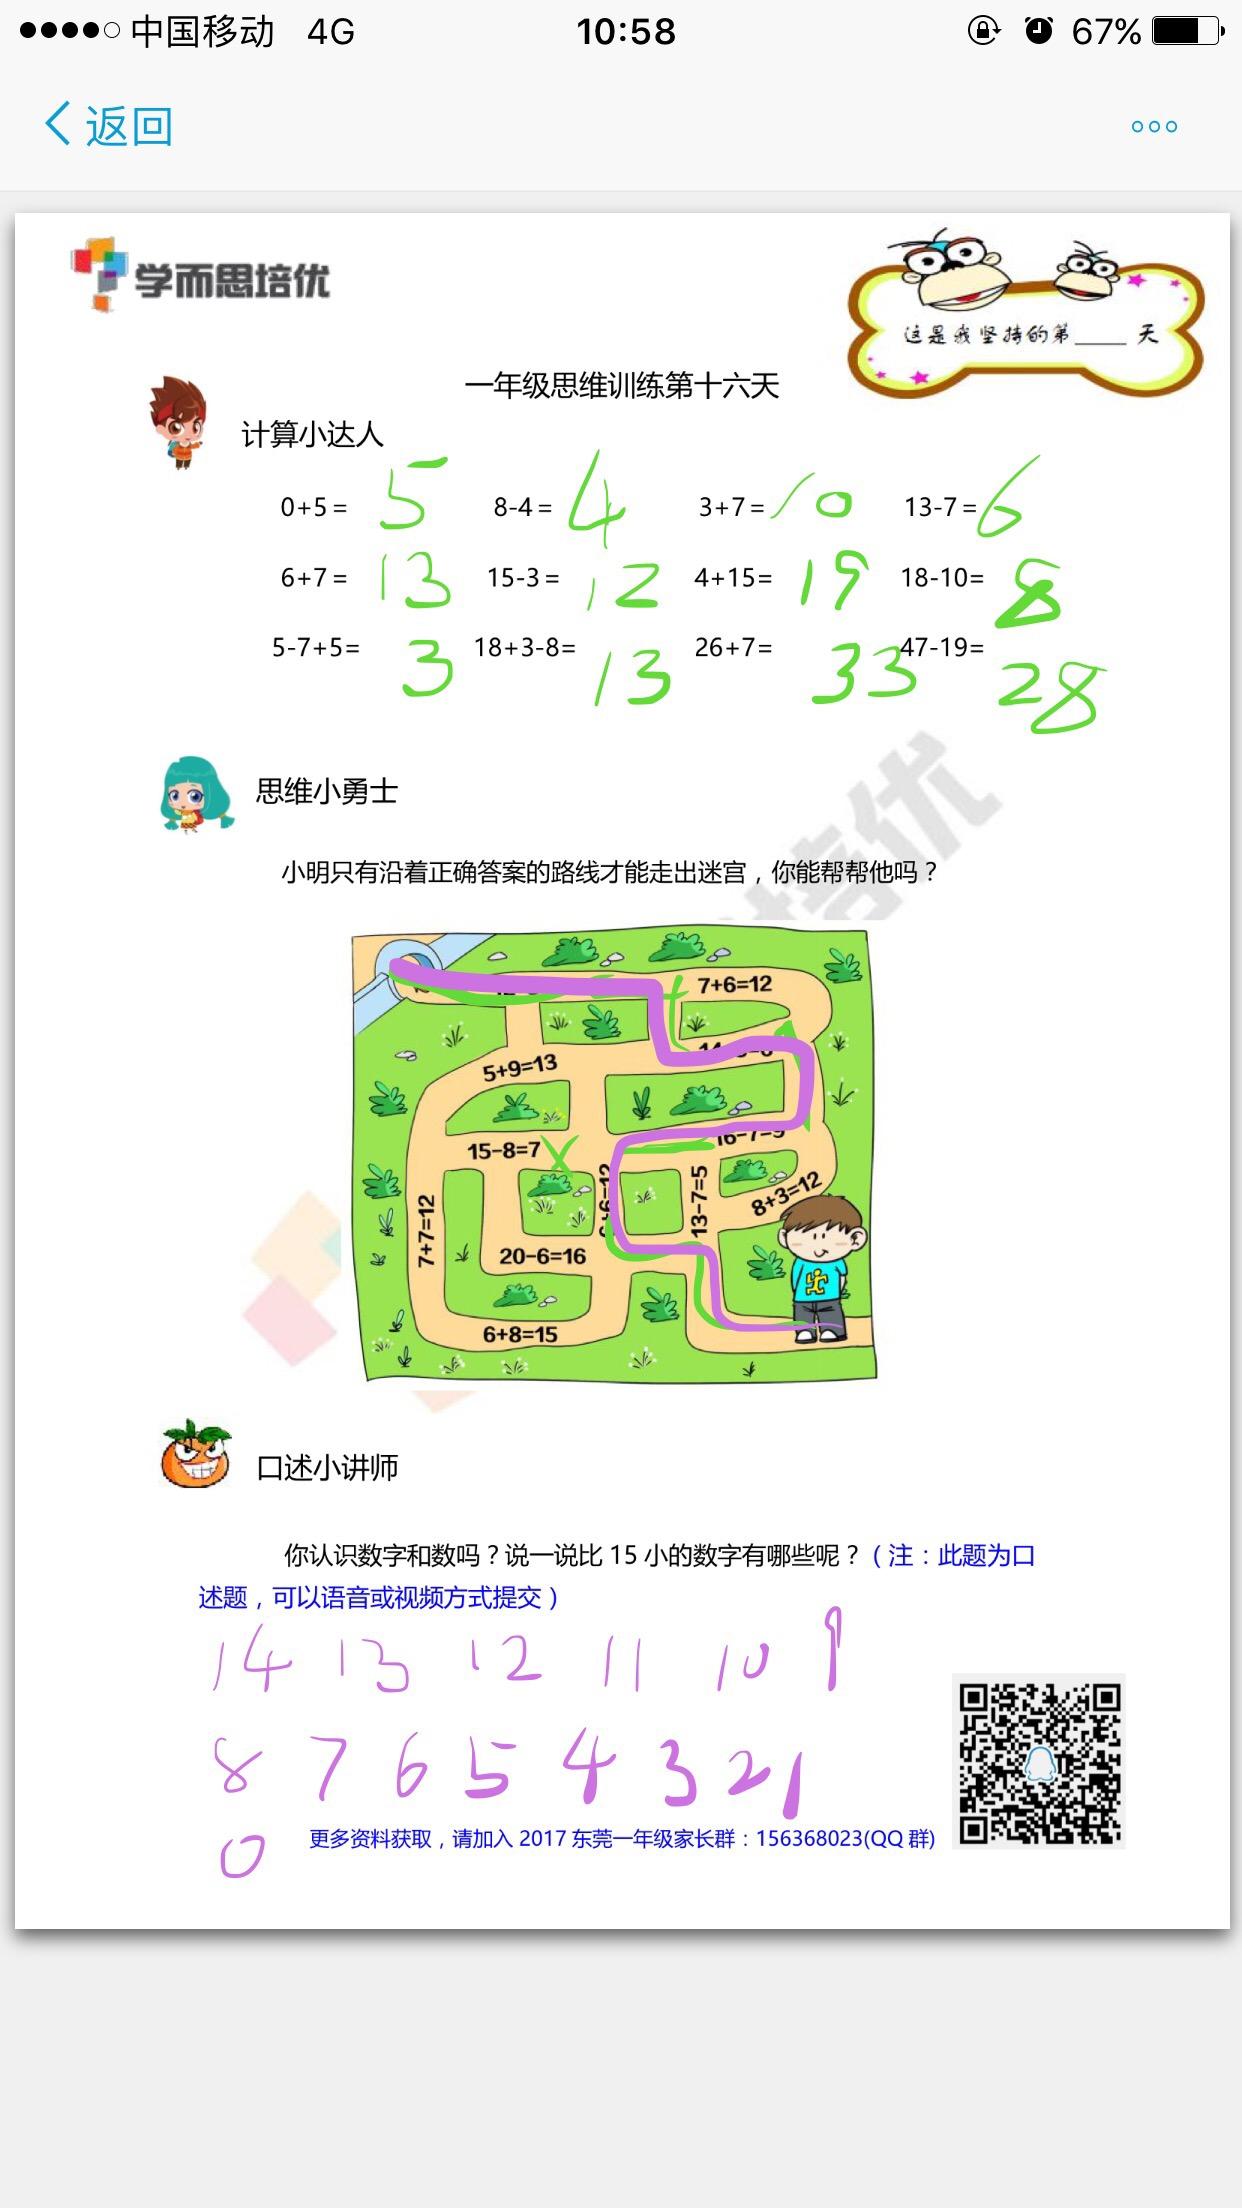 D9832343-B43D-48C5-AFCF-4F265F1A2CDD.jpg